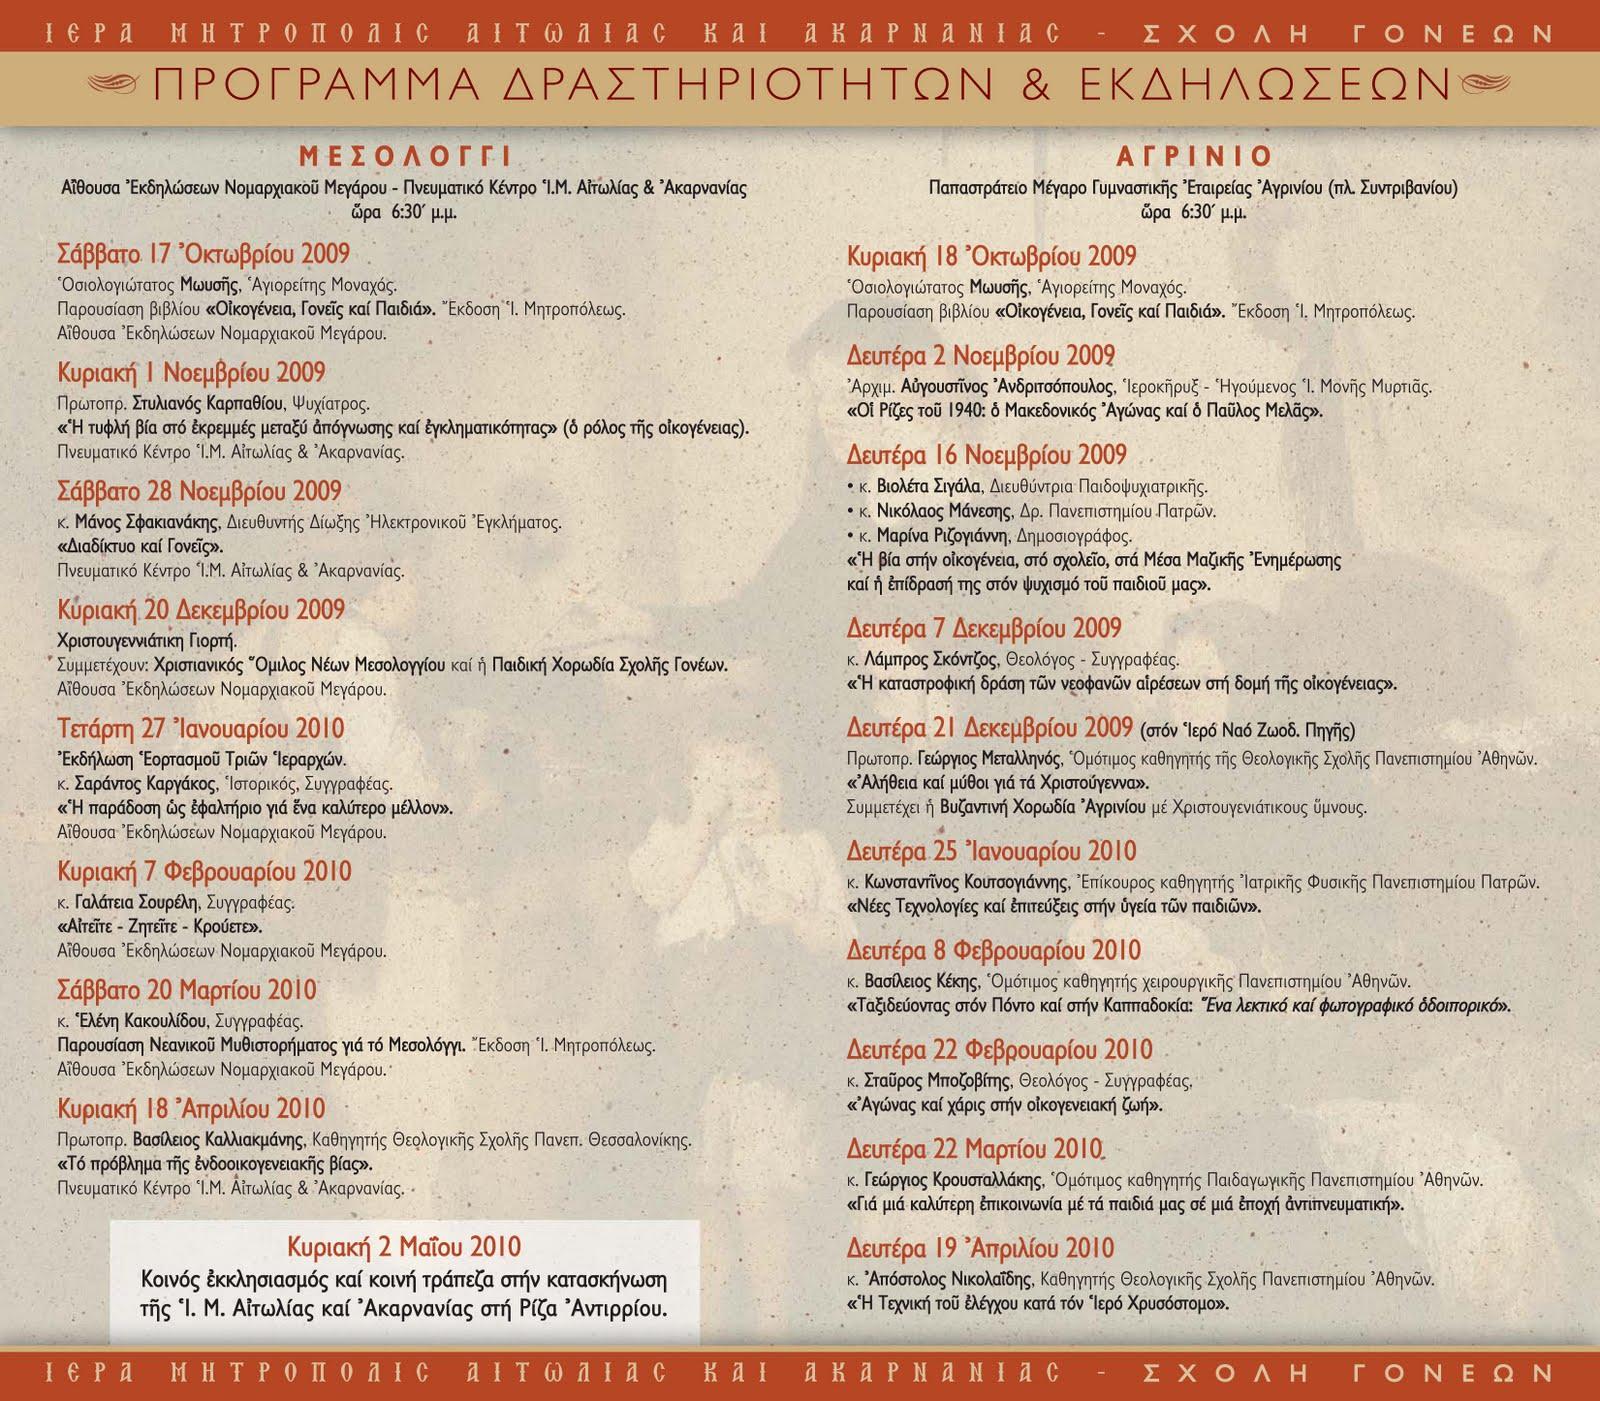 Σχολή Γονέων Ιεράς Μητροπόλεως Αιτωλίας και Ακαρνανίας- Πρόγγραμα Δραστηριοτήτων & Εκδηλώσεων